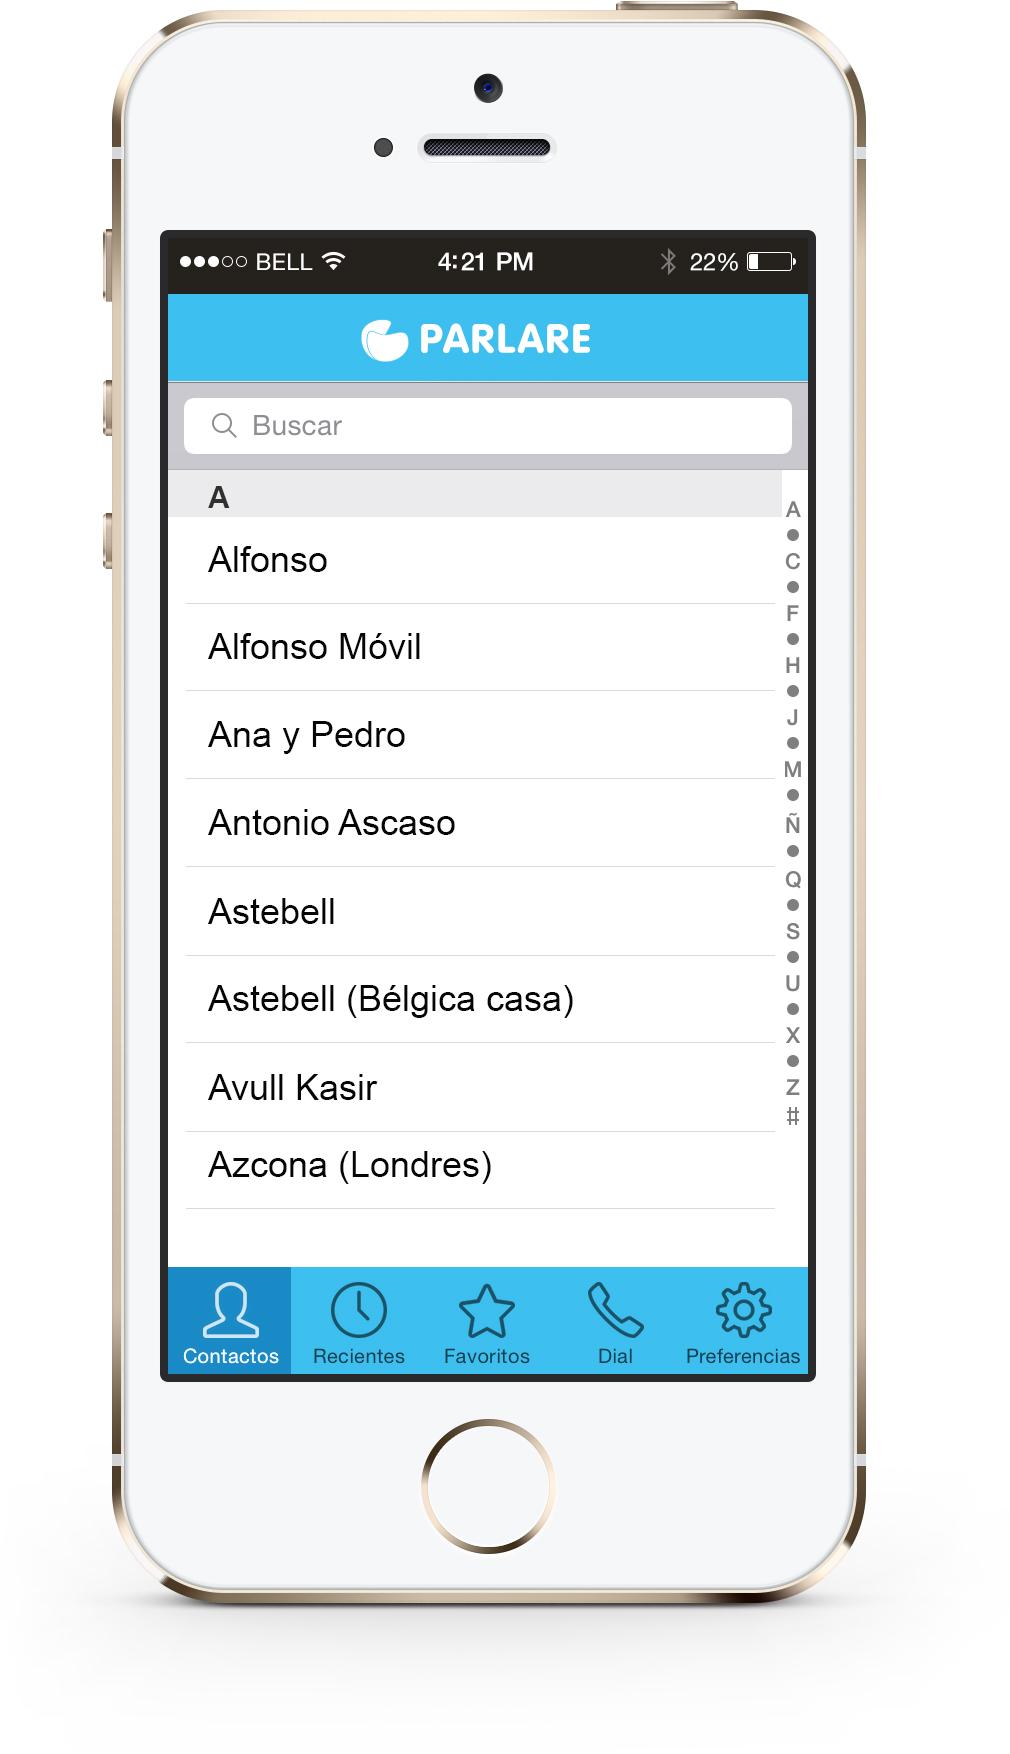 app para llamadas internacionales gratis iphone